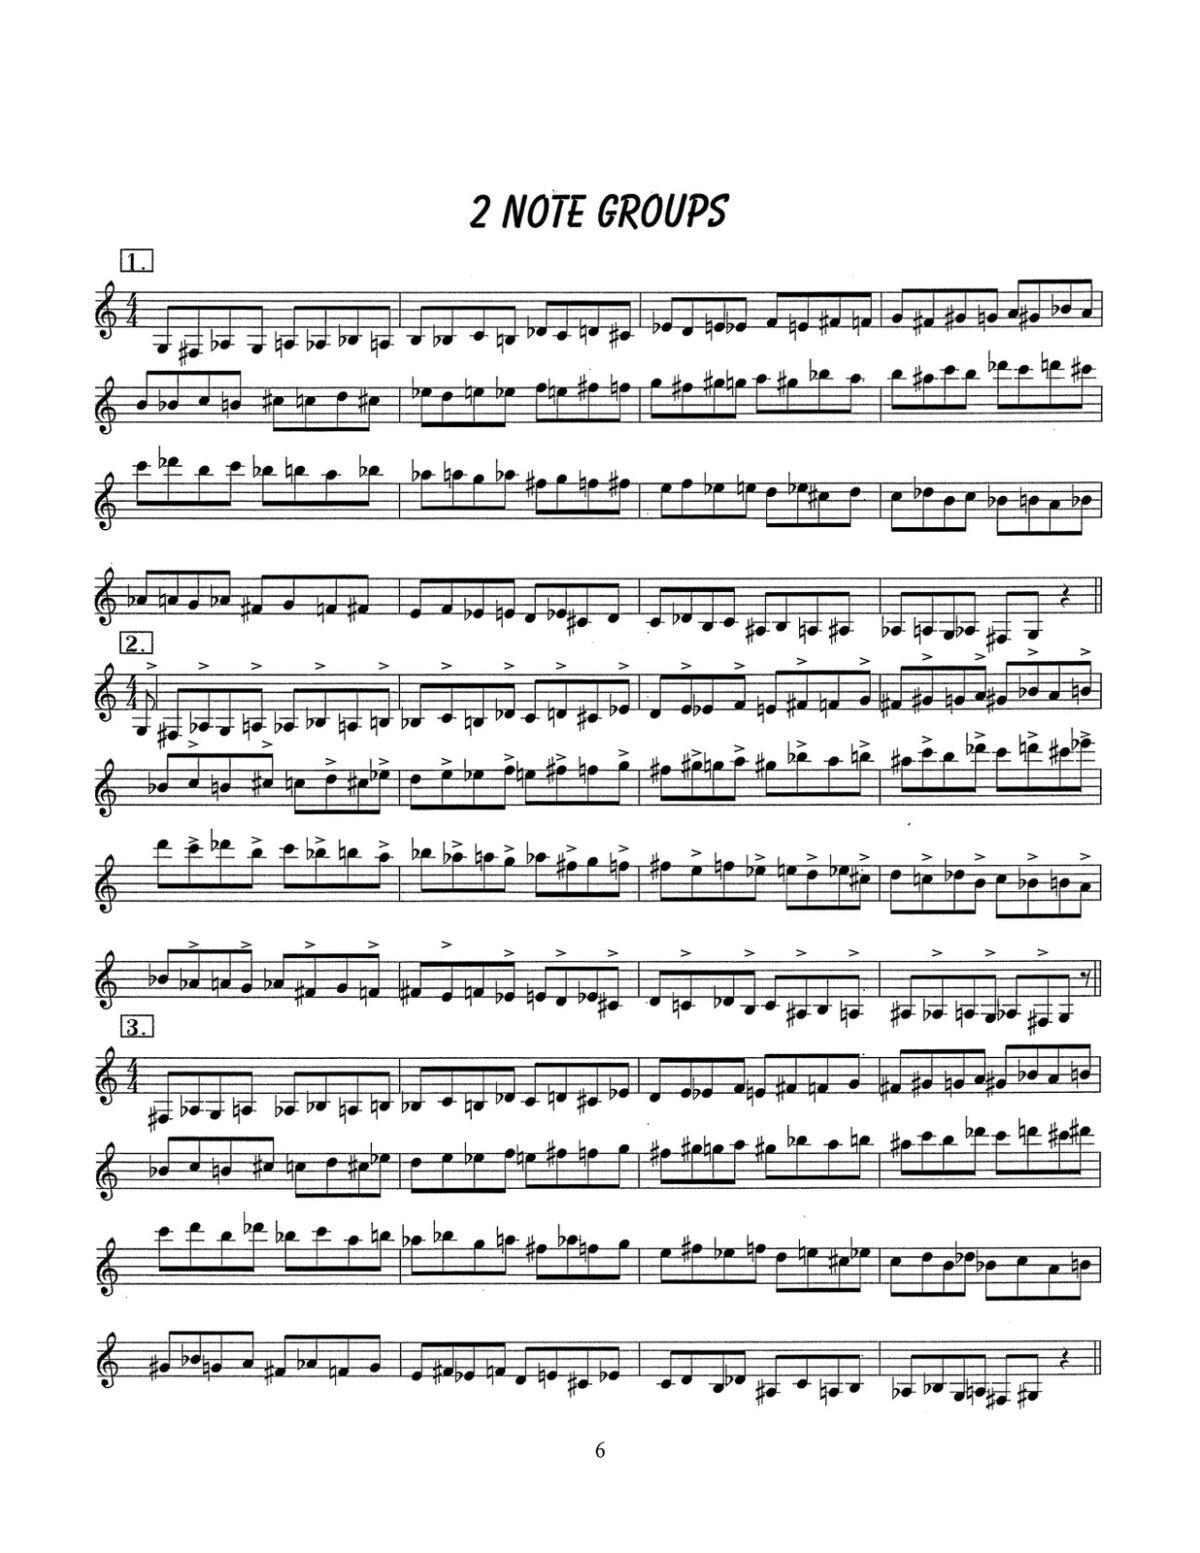 D'Aveni, Jazz Trumpet Technique Vol.3 Chromatics-p08